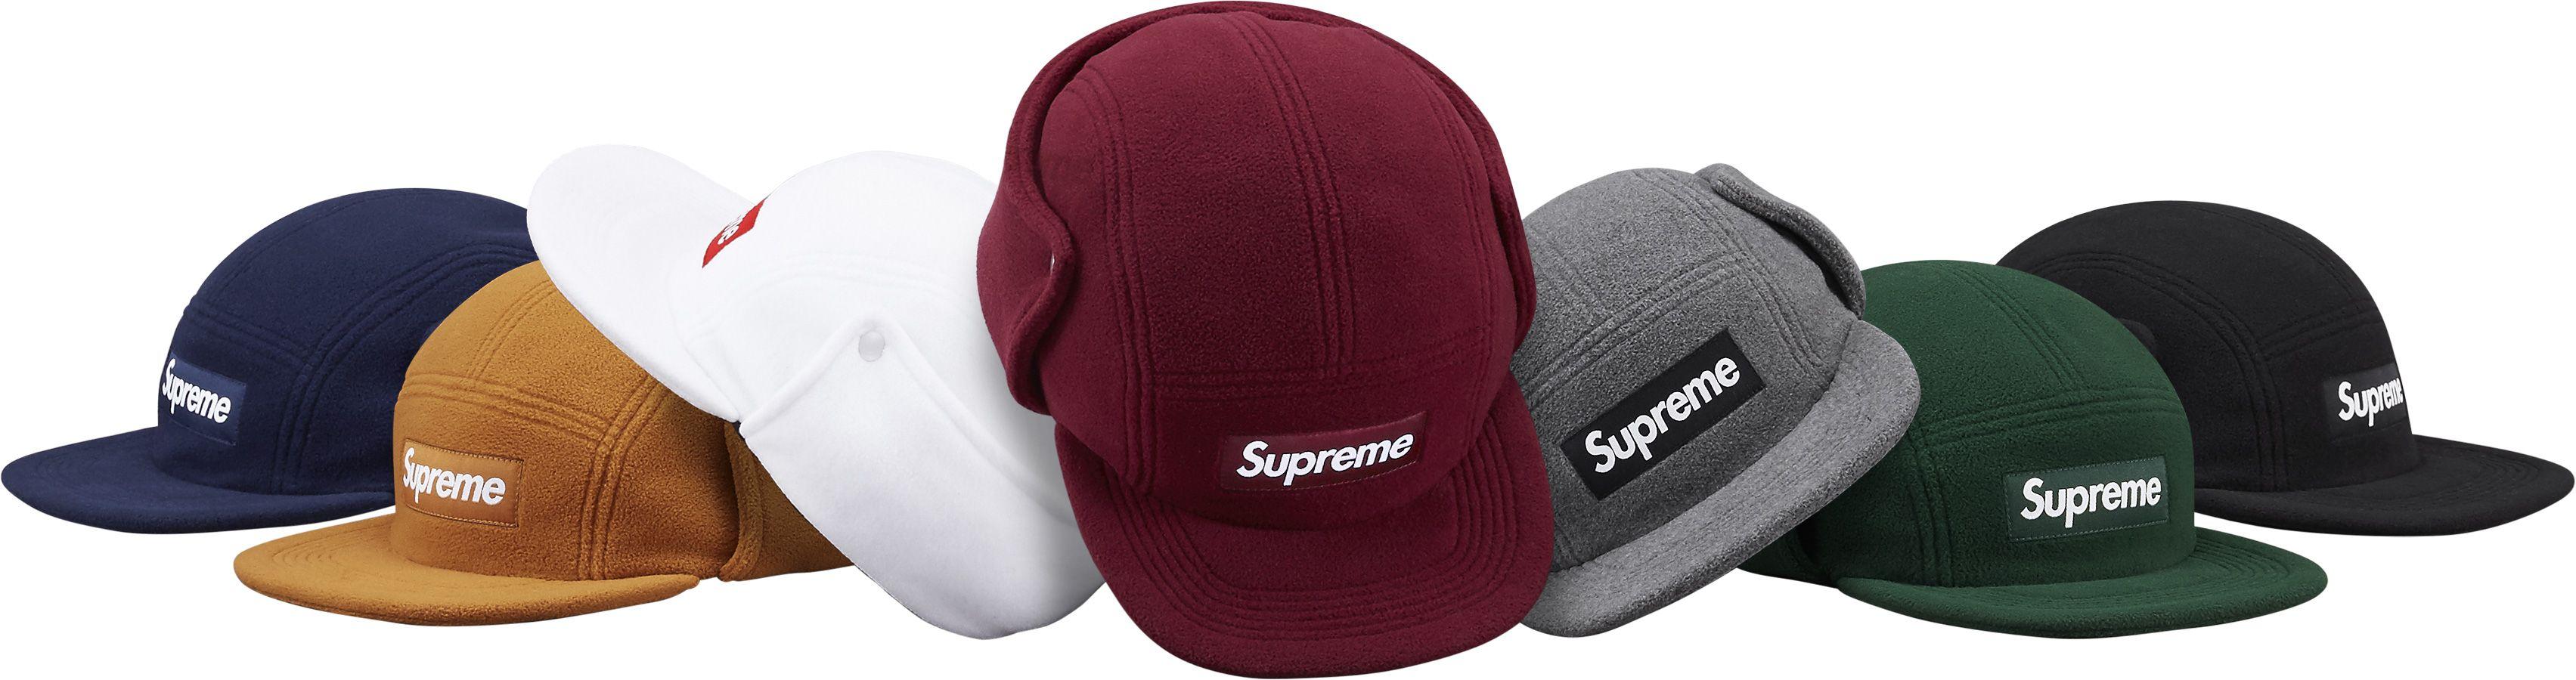 d8f1ce63344 Supreme 16AW Polartec® Fleece Earflap Camp Cap